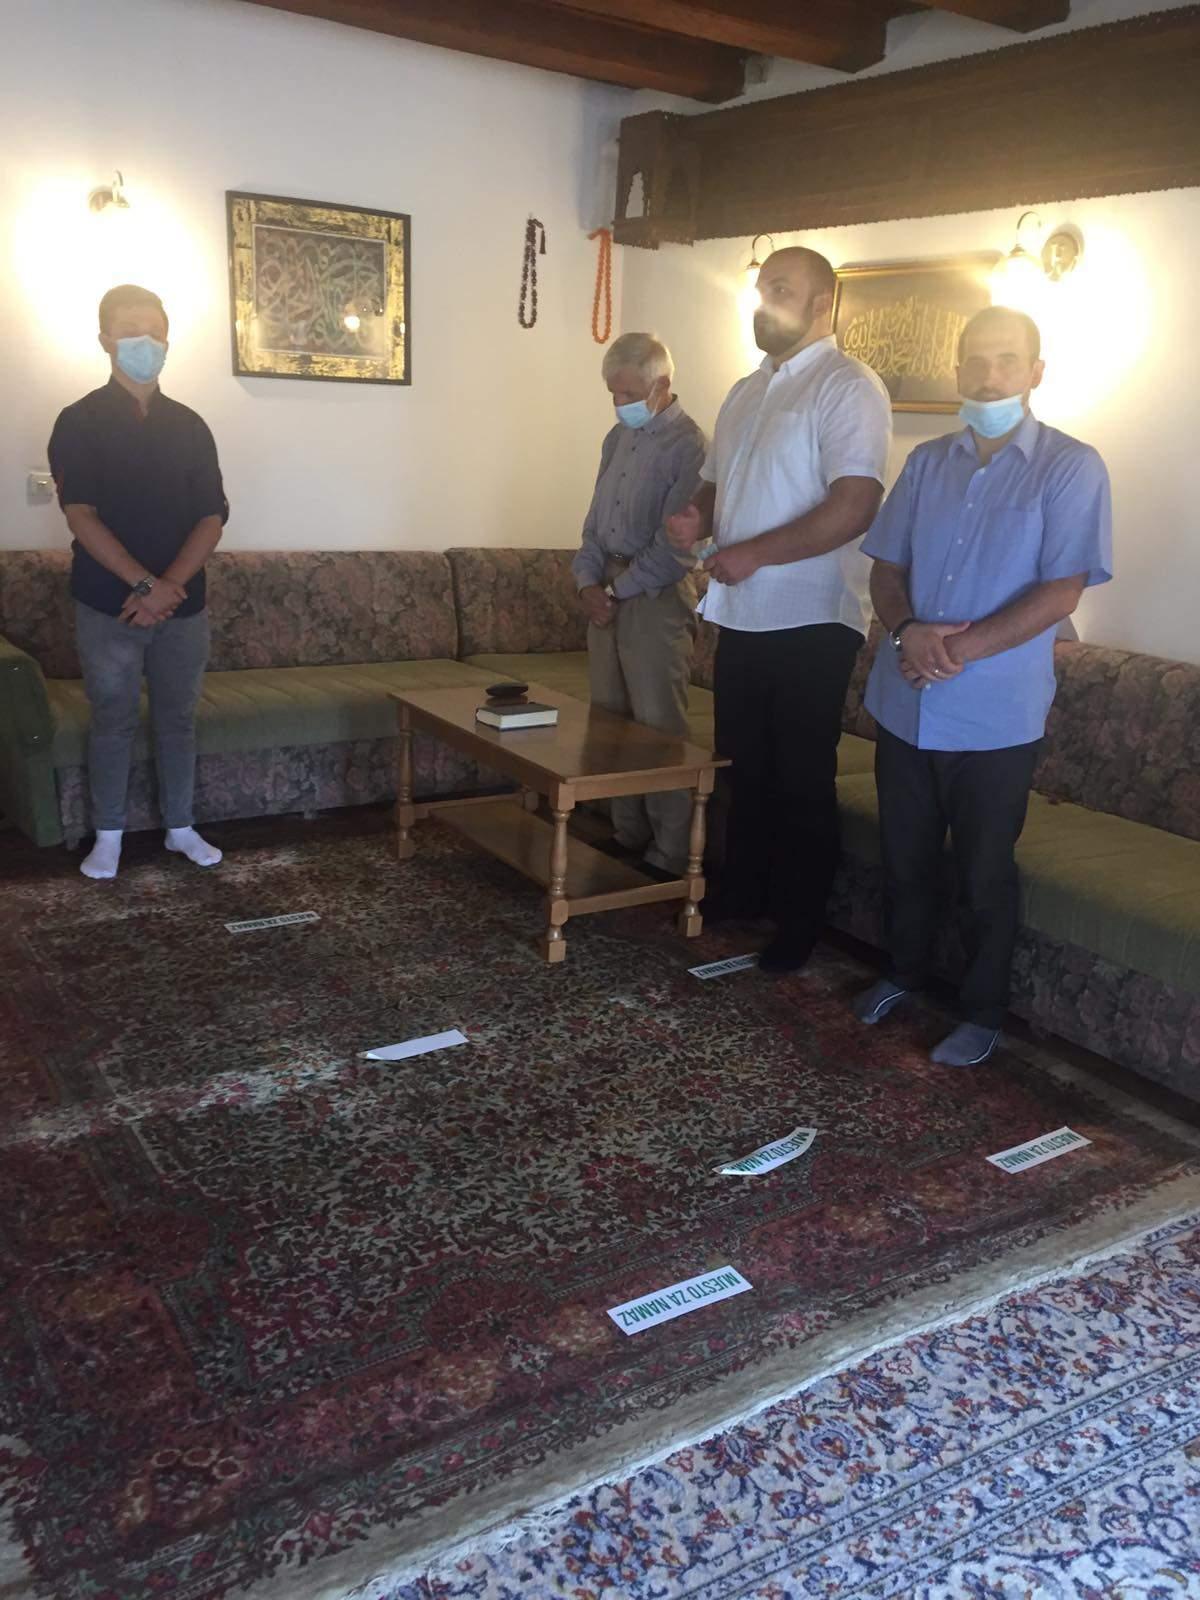 00.jpg - Najmlađi na području Travničkog muftijstva: Gornji Vakuf dobio prvog hafiza, 15-godišnjeg Jusufa